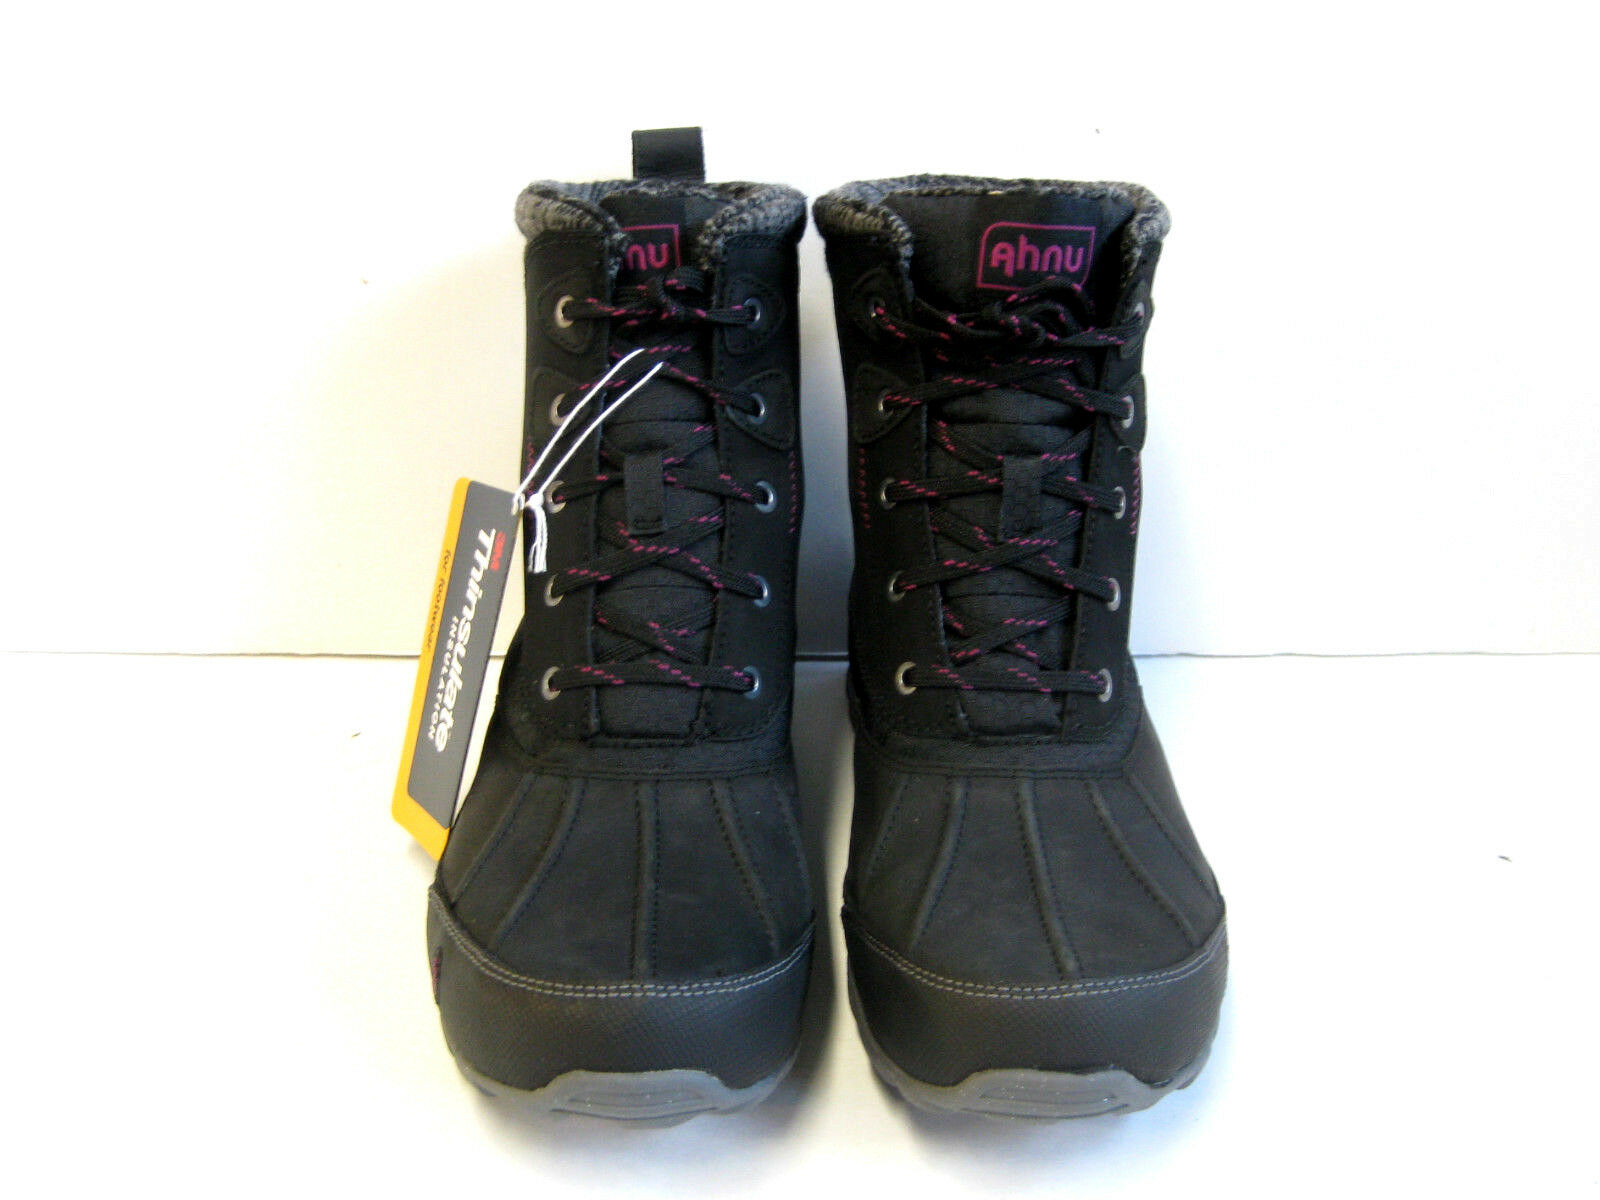 AHNU SUGAR PEAK INSULATED WP WOMEN HIKING BOOTS BLACK US 7 ///JP24